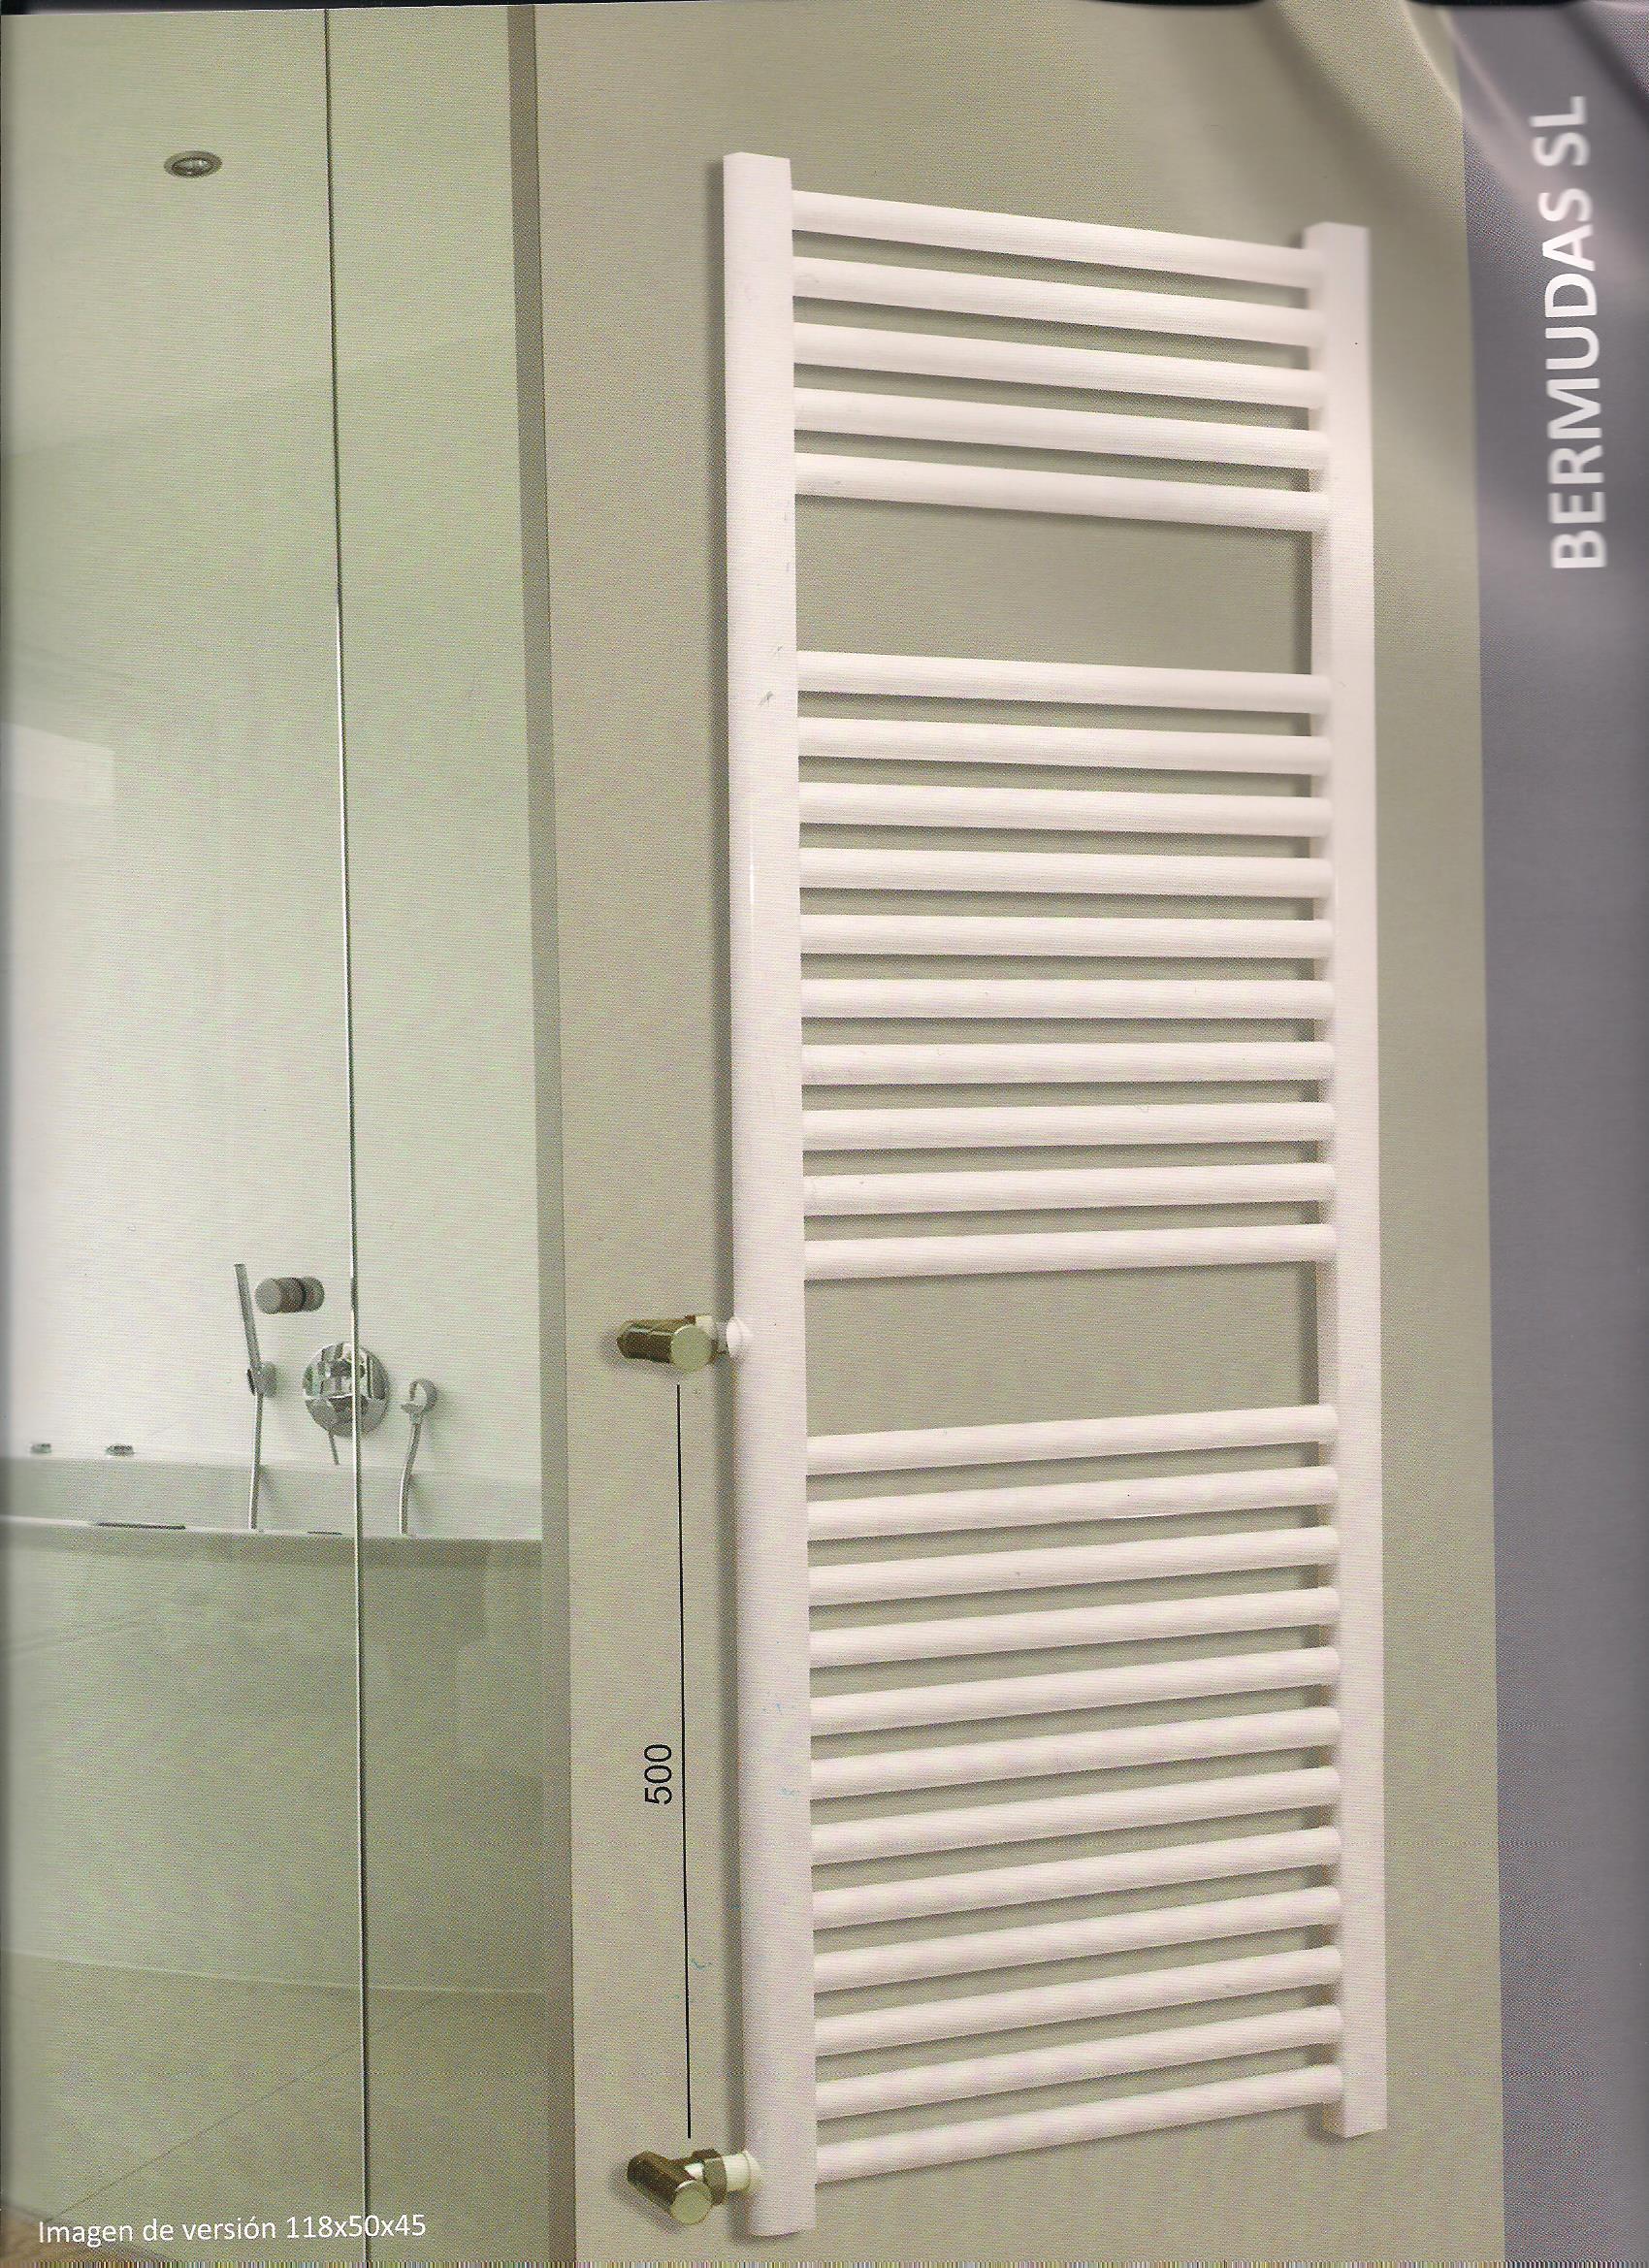 Instalaciones y venta toallero bermudas sl blanco 1180x500 - Humidificador para radiadores ...